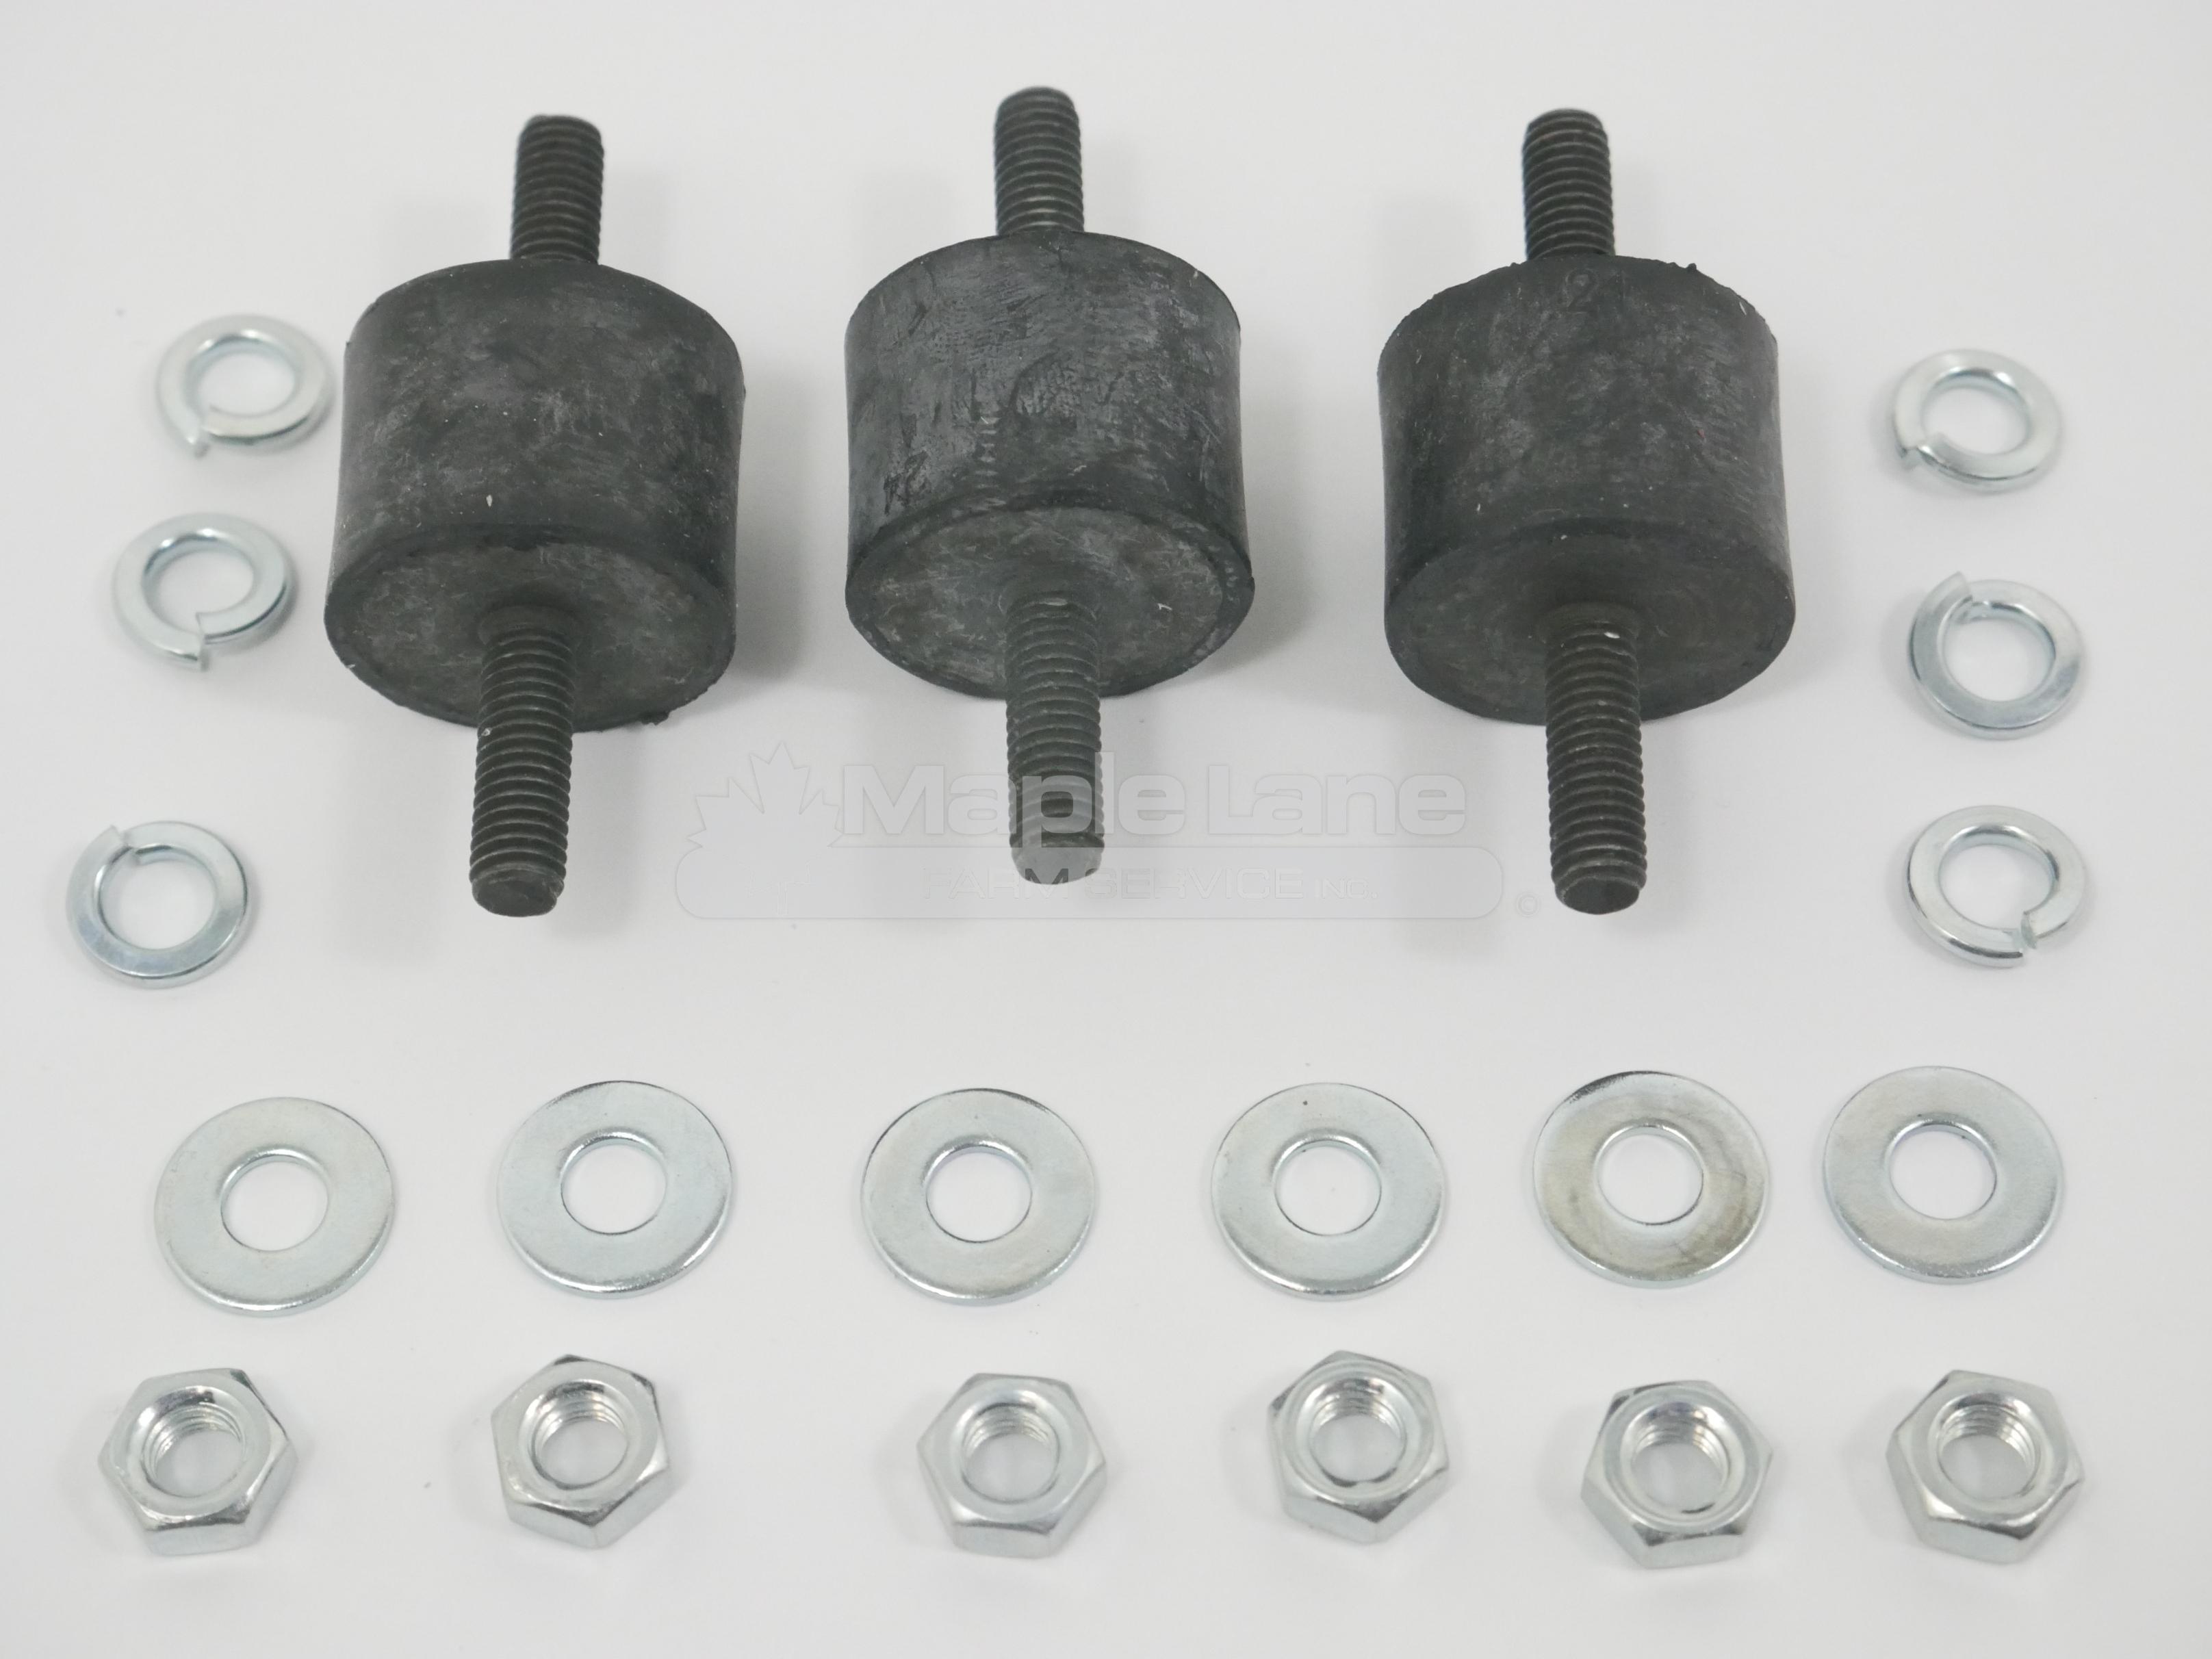 700729602 Hardware Kit